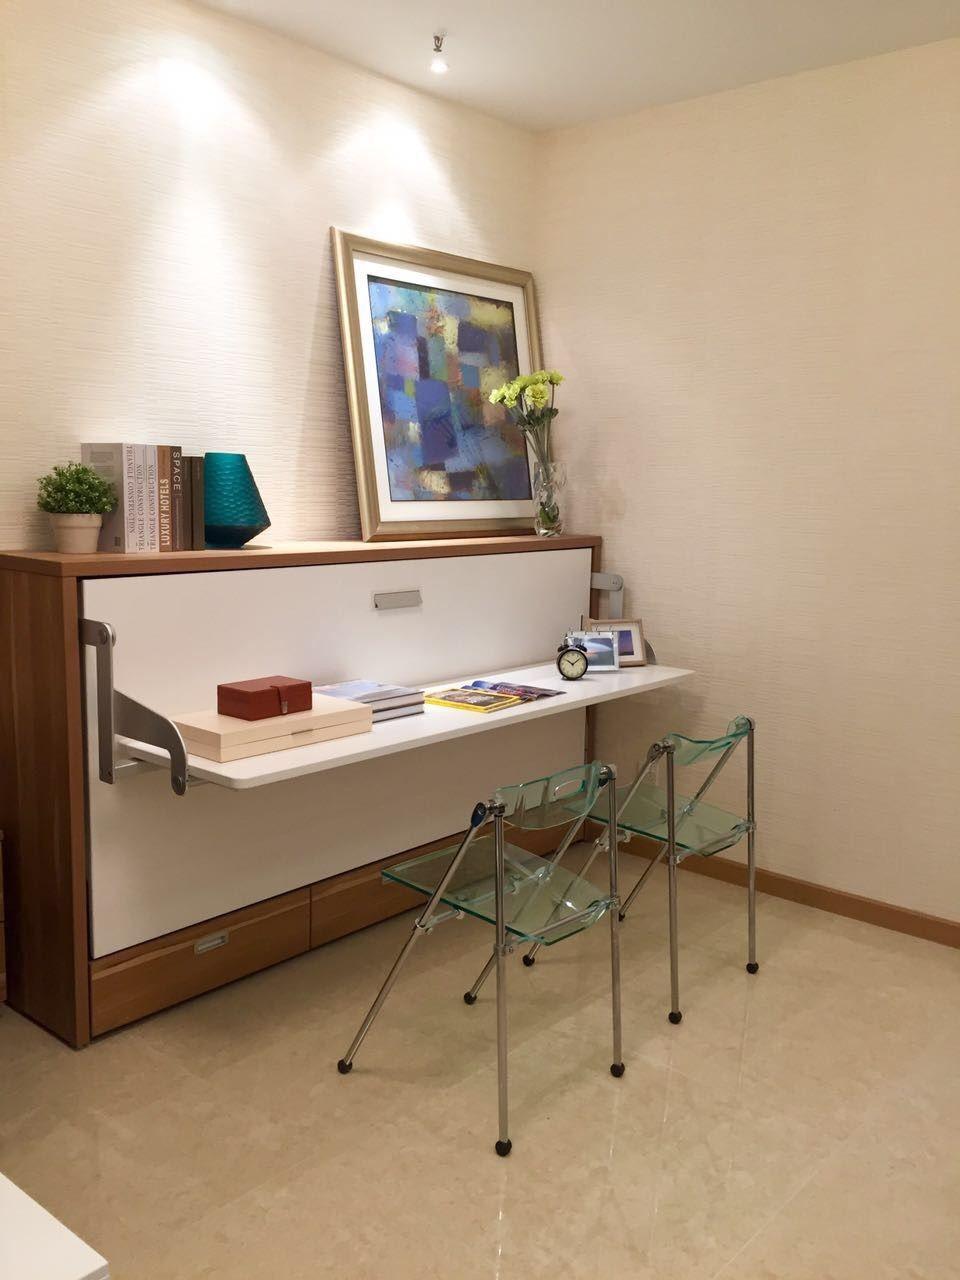 2016 nieuwe ontwerp moderne transformable meubels wandmontage bed ...